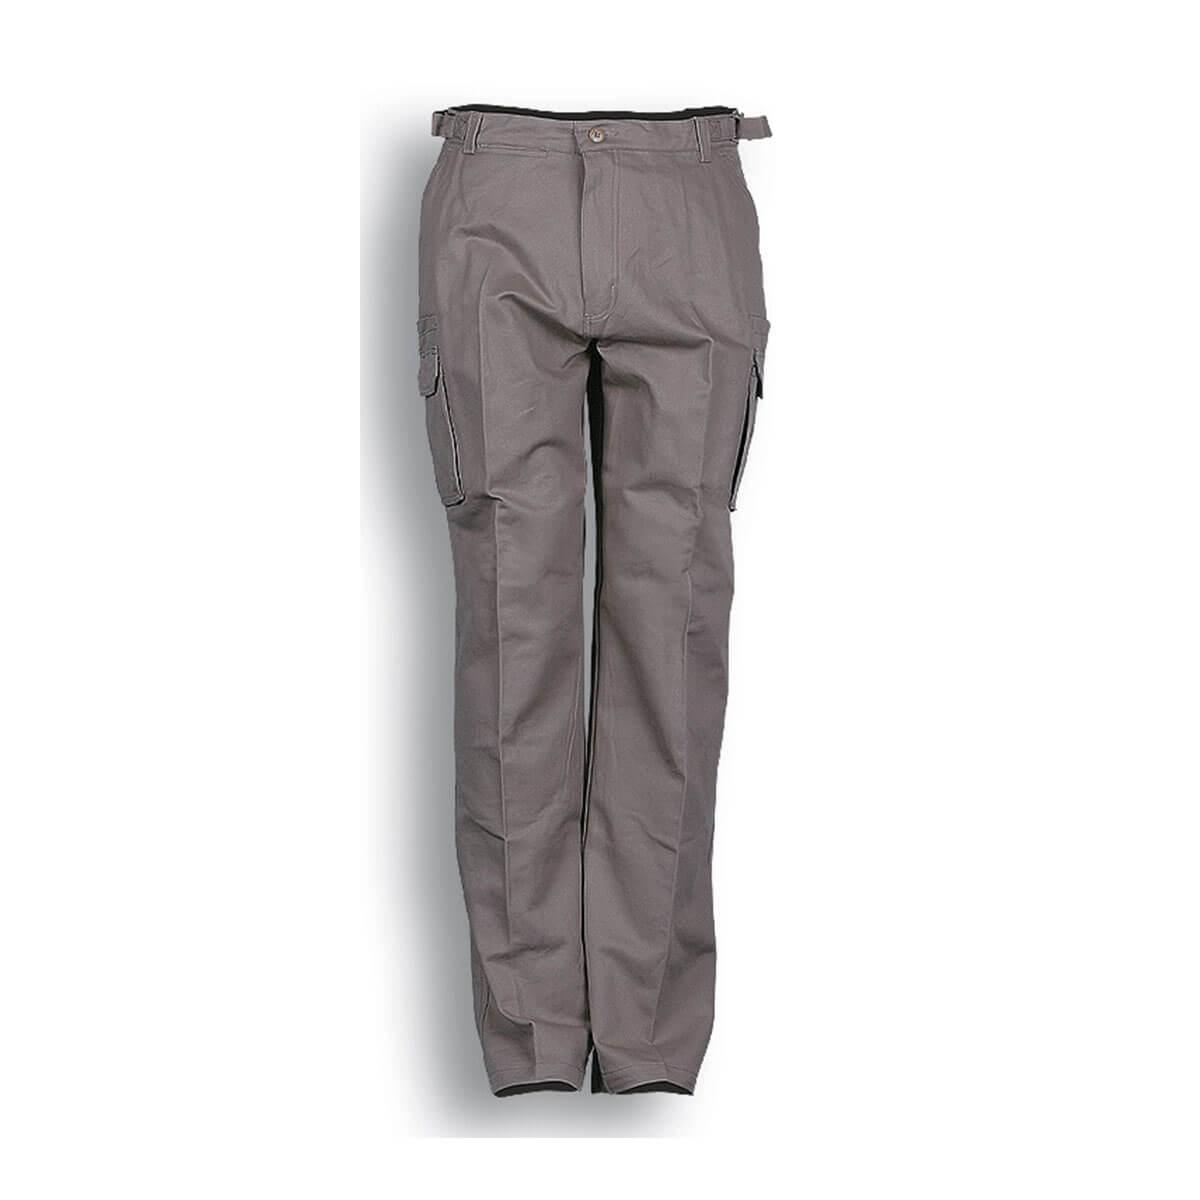 COTTON DRILL CAGO PANTS-Sandstone